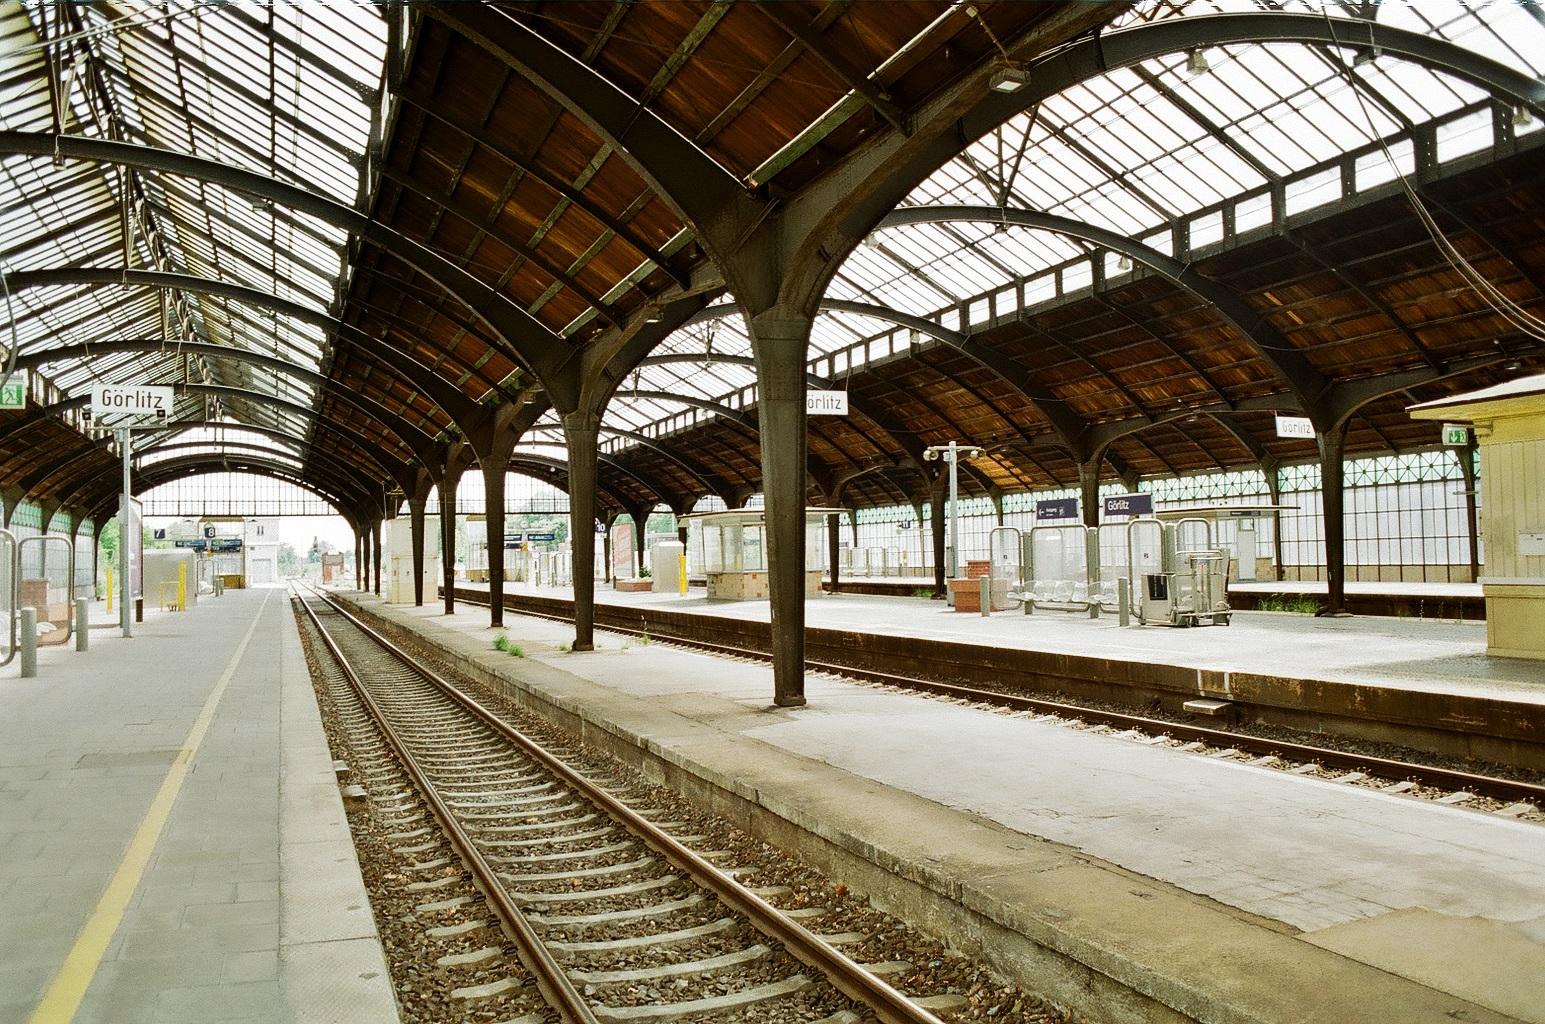 Железнодорожный вокзал в Гёрлице